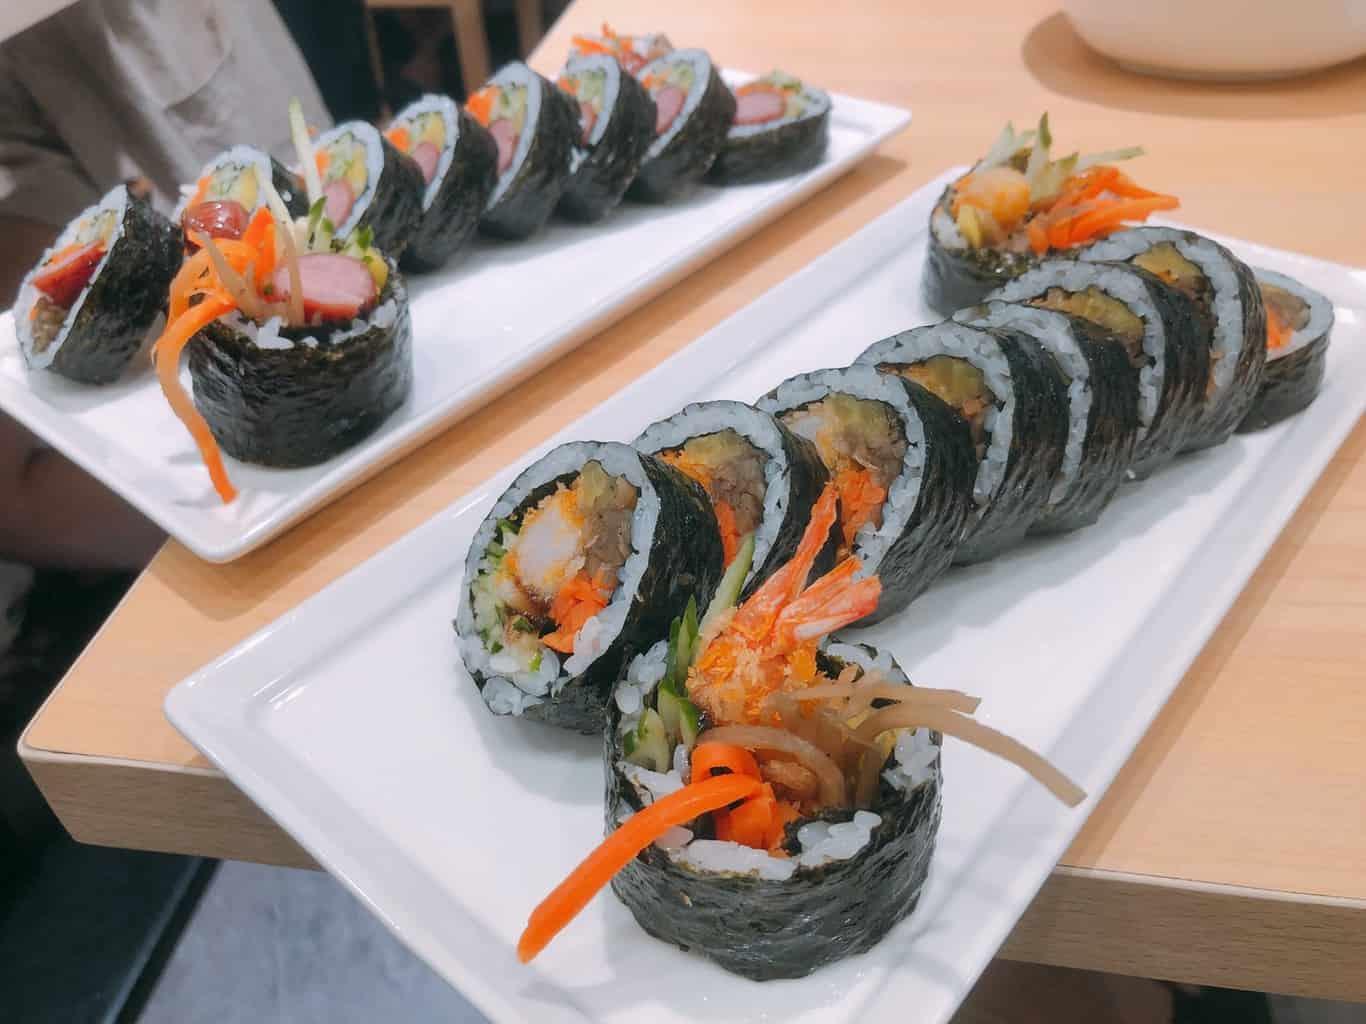 宴先紫菜飯捲 韓式飯捲